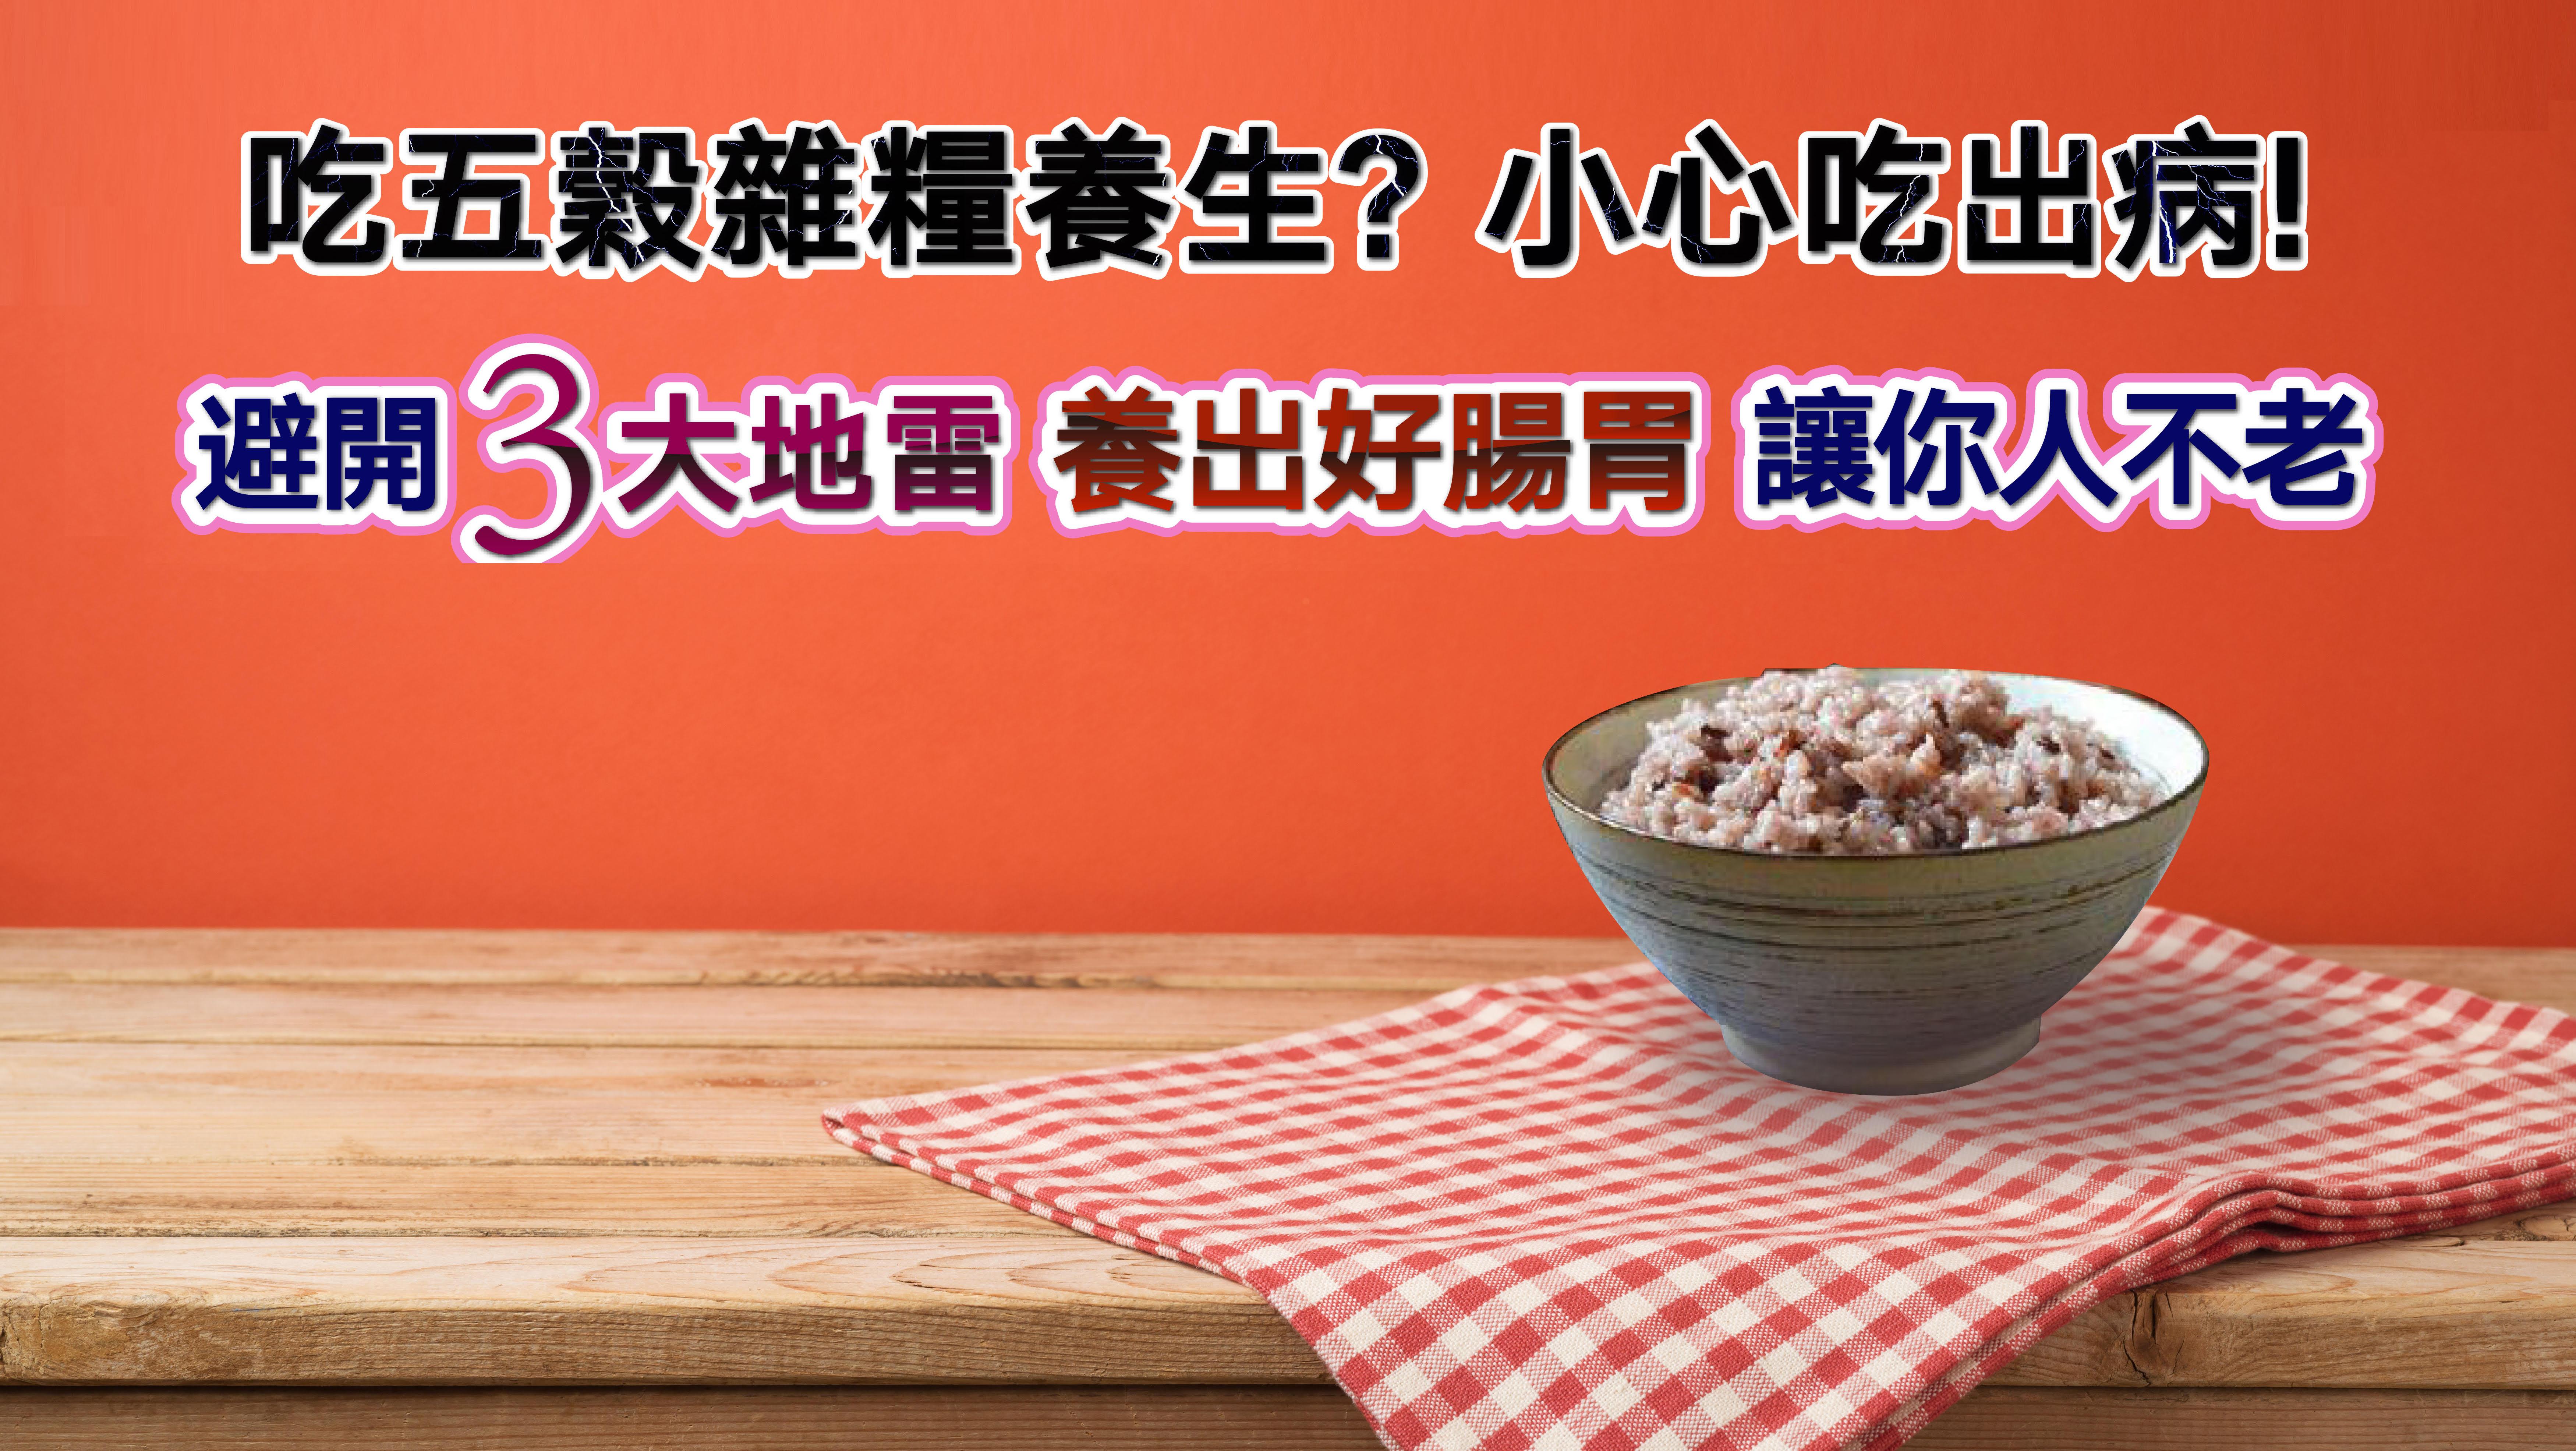 圖/TVBS提供 想要『腸胃好 人不老』 五穀雜糧就該這樣吃